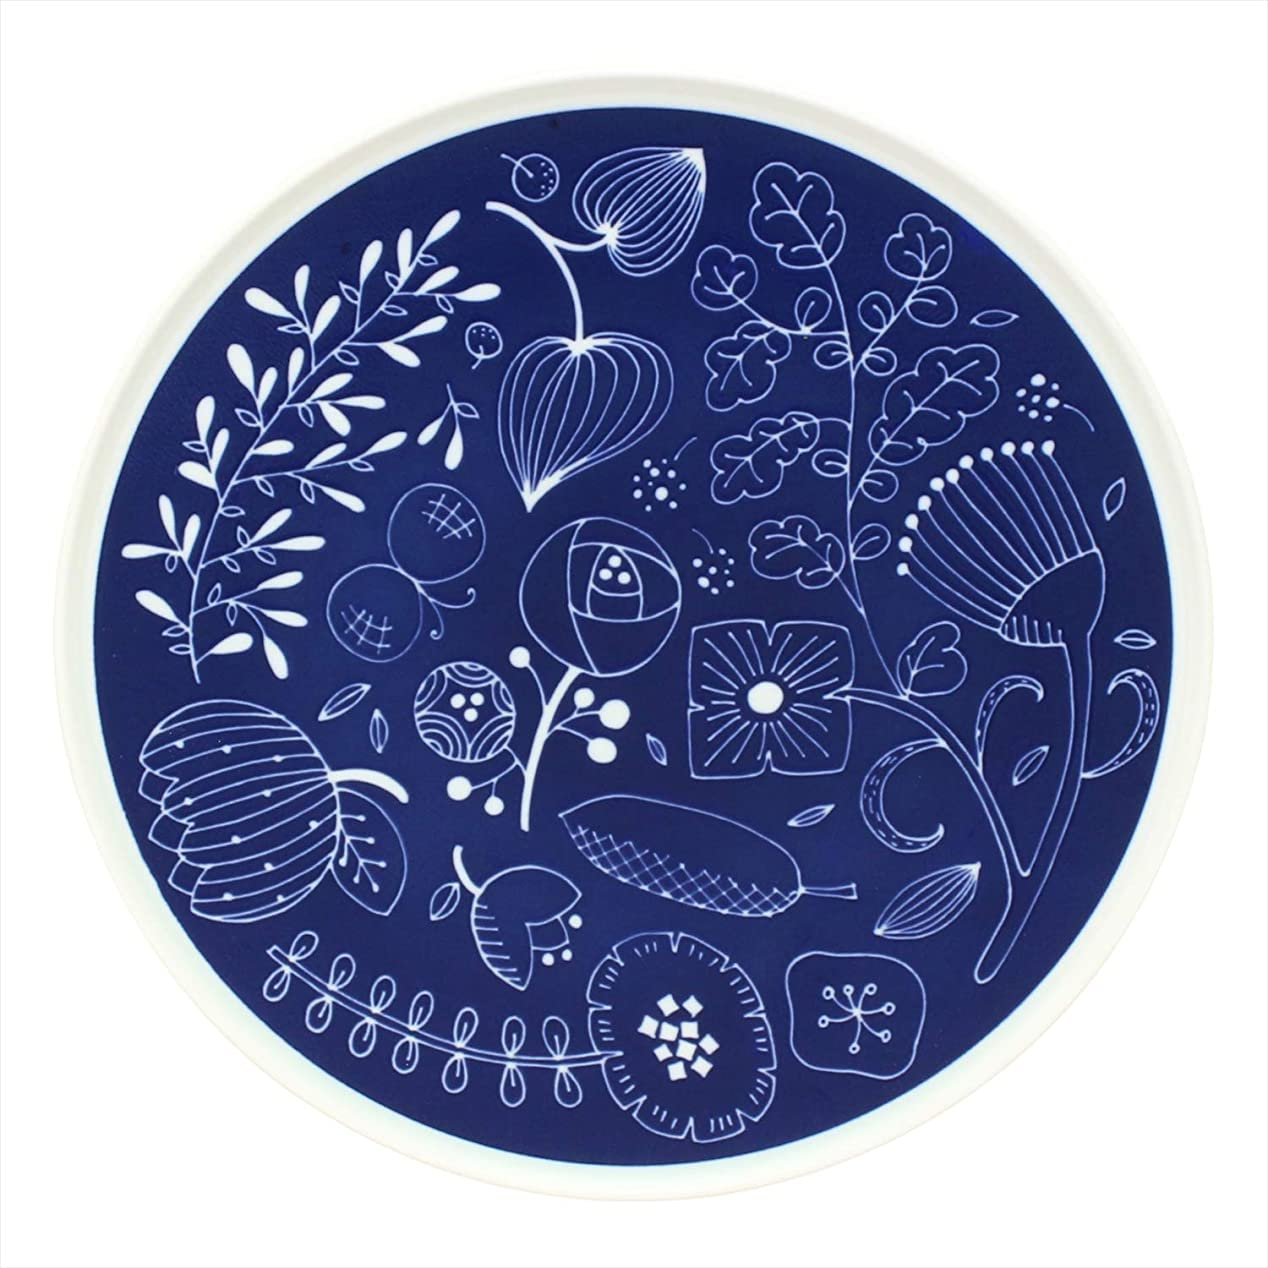 楕円形呪いジャベスウィルソン石丸陶芸 大皿 ネイビー 25.8cm 波佐見焼 シャロウ プレート L Garden 502270 500